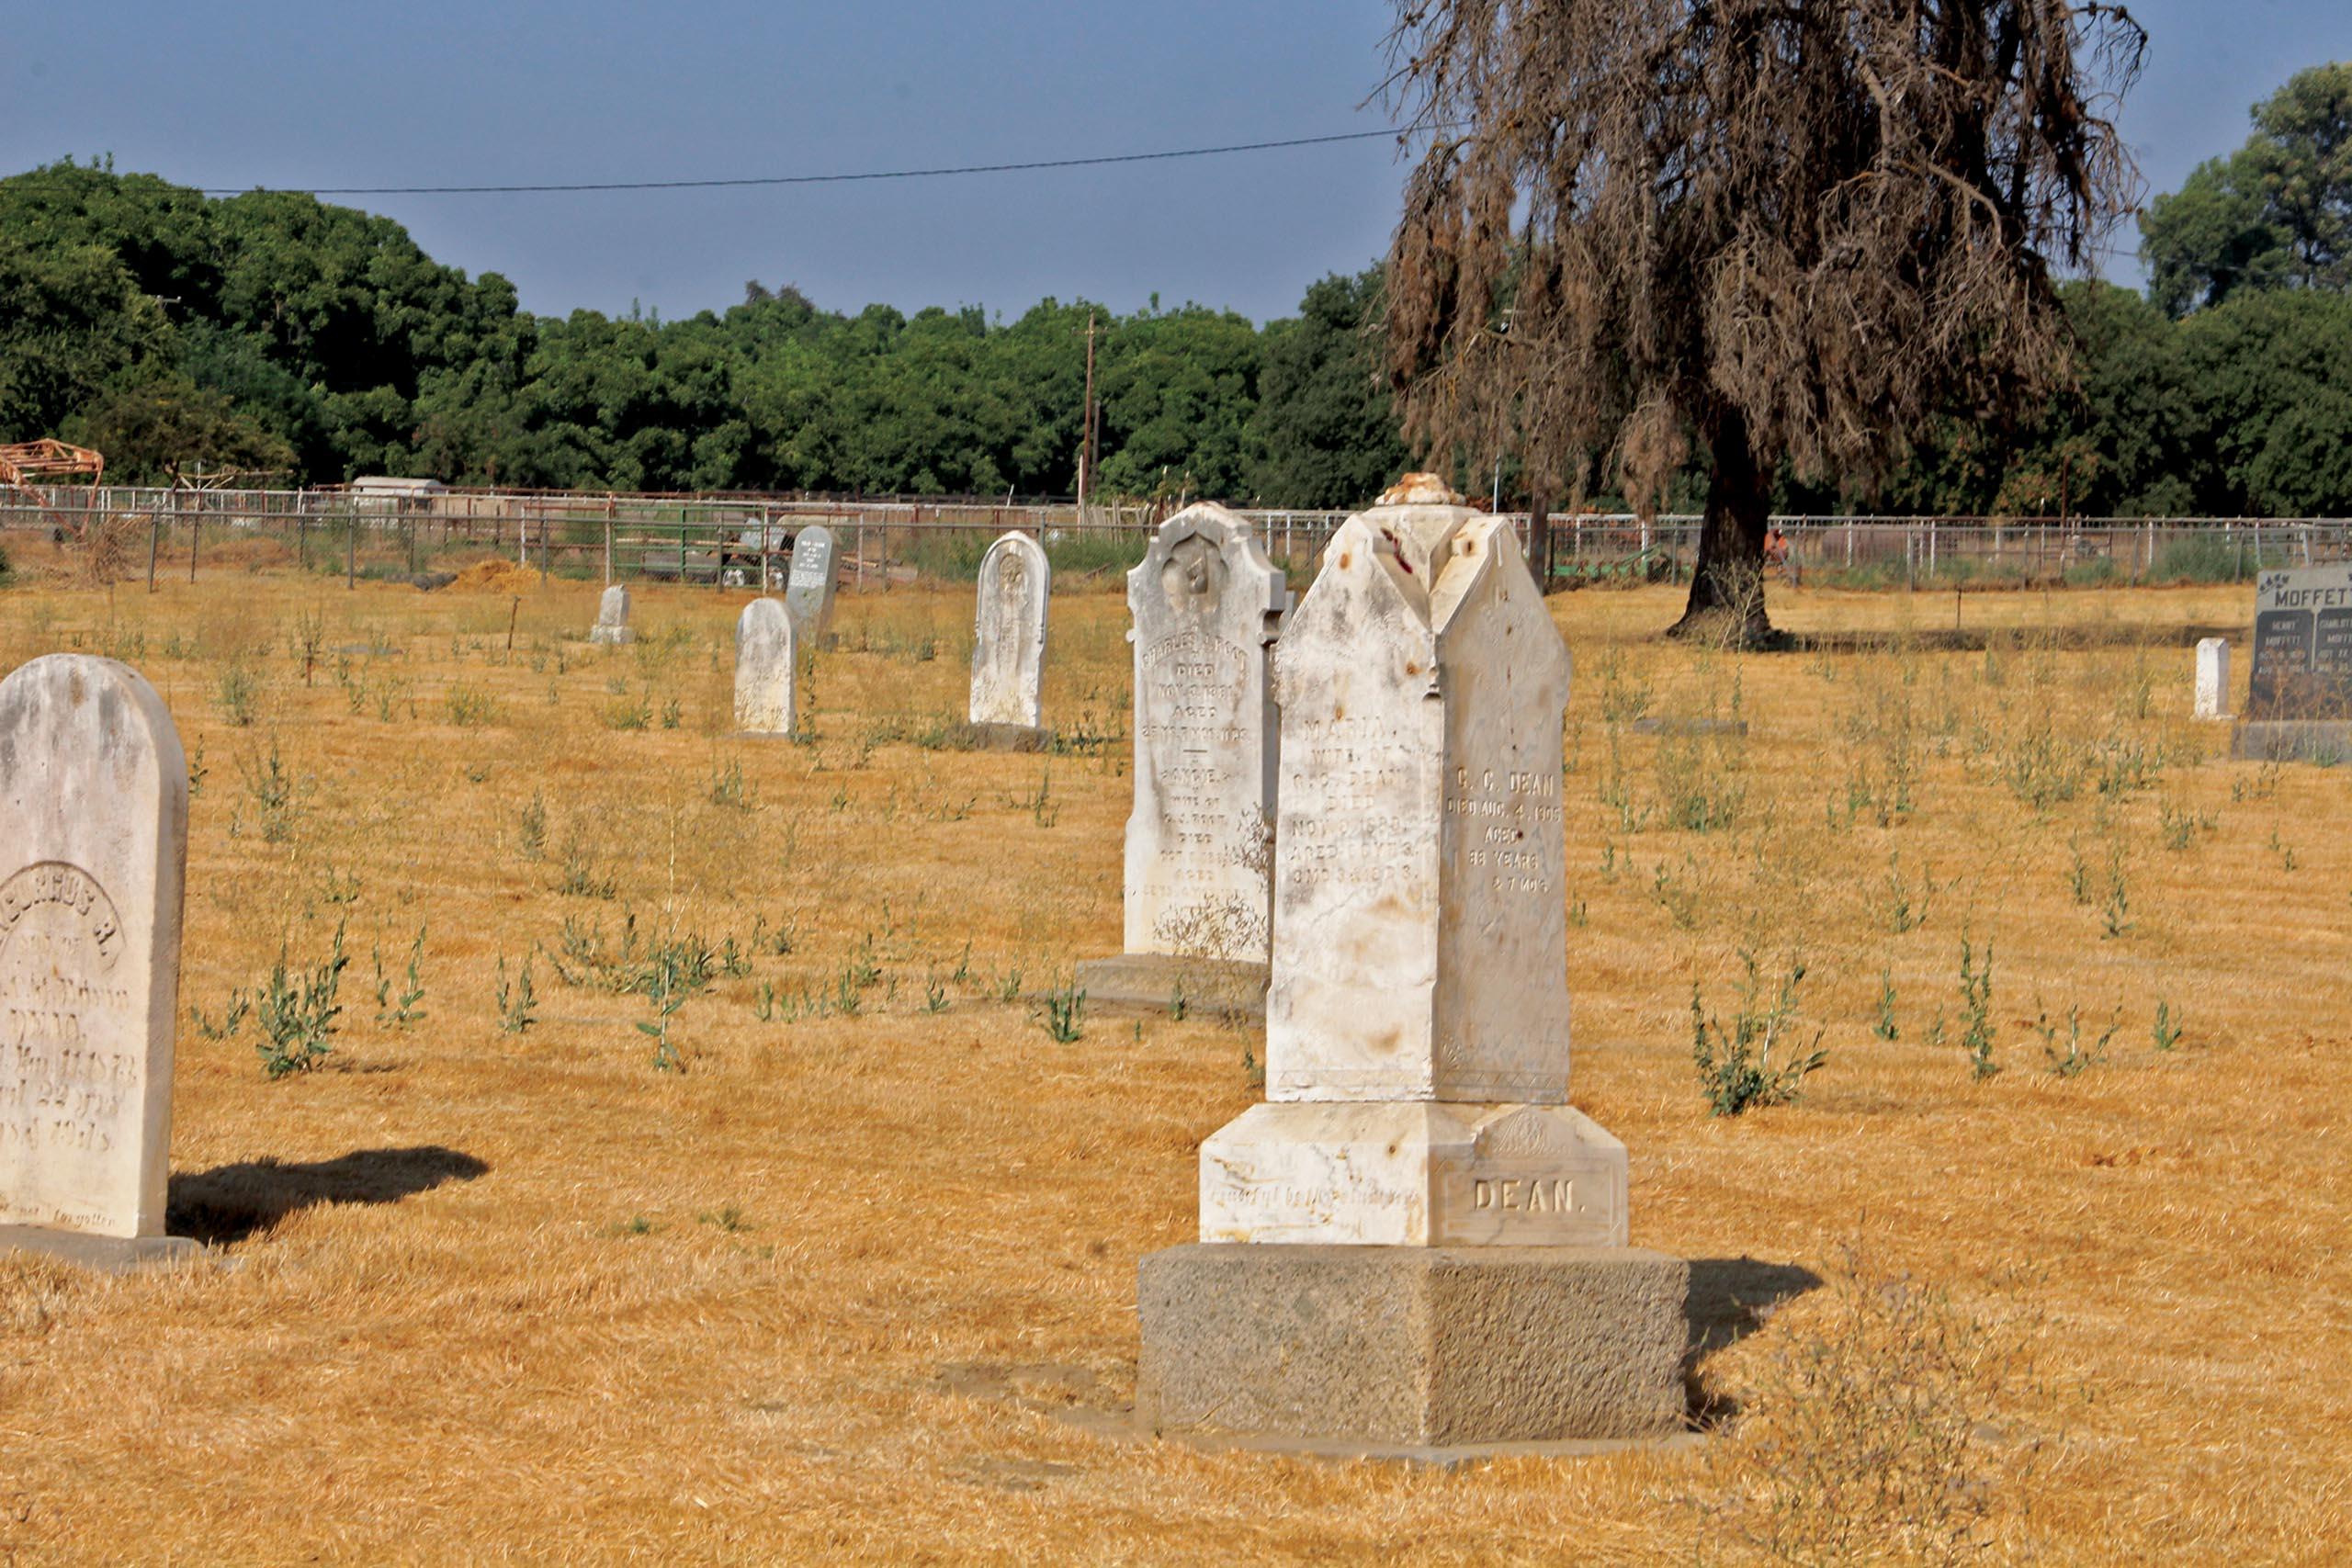 jj-a4-outside-creek-cemetery_wide